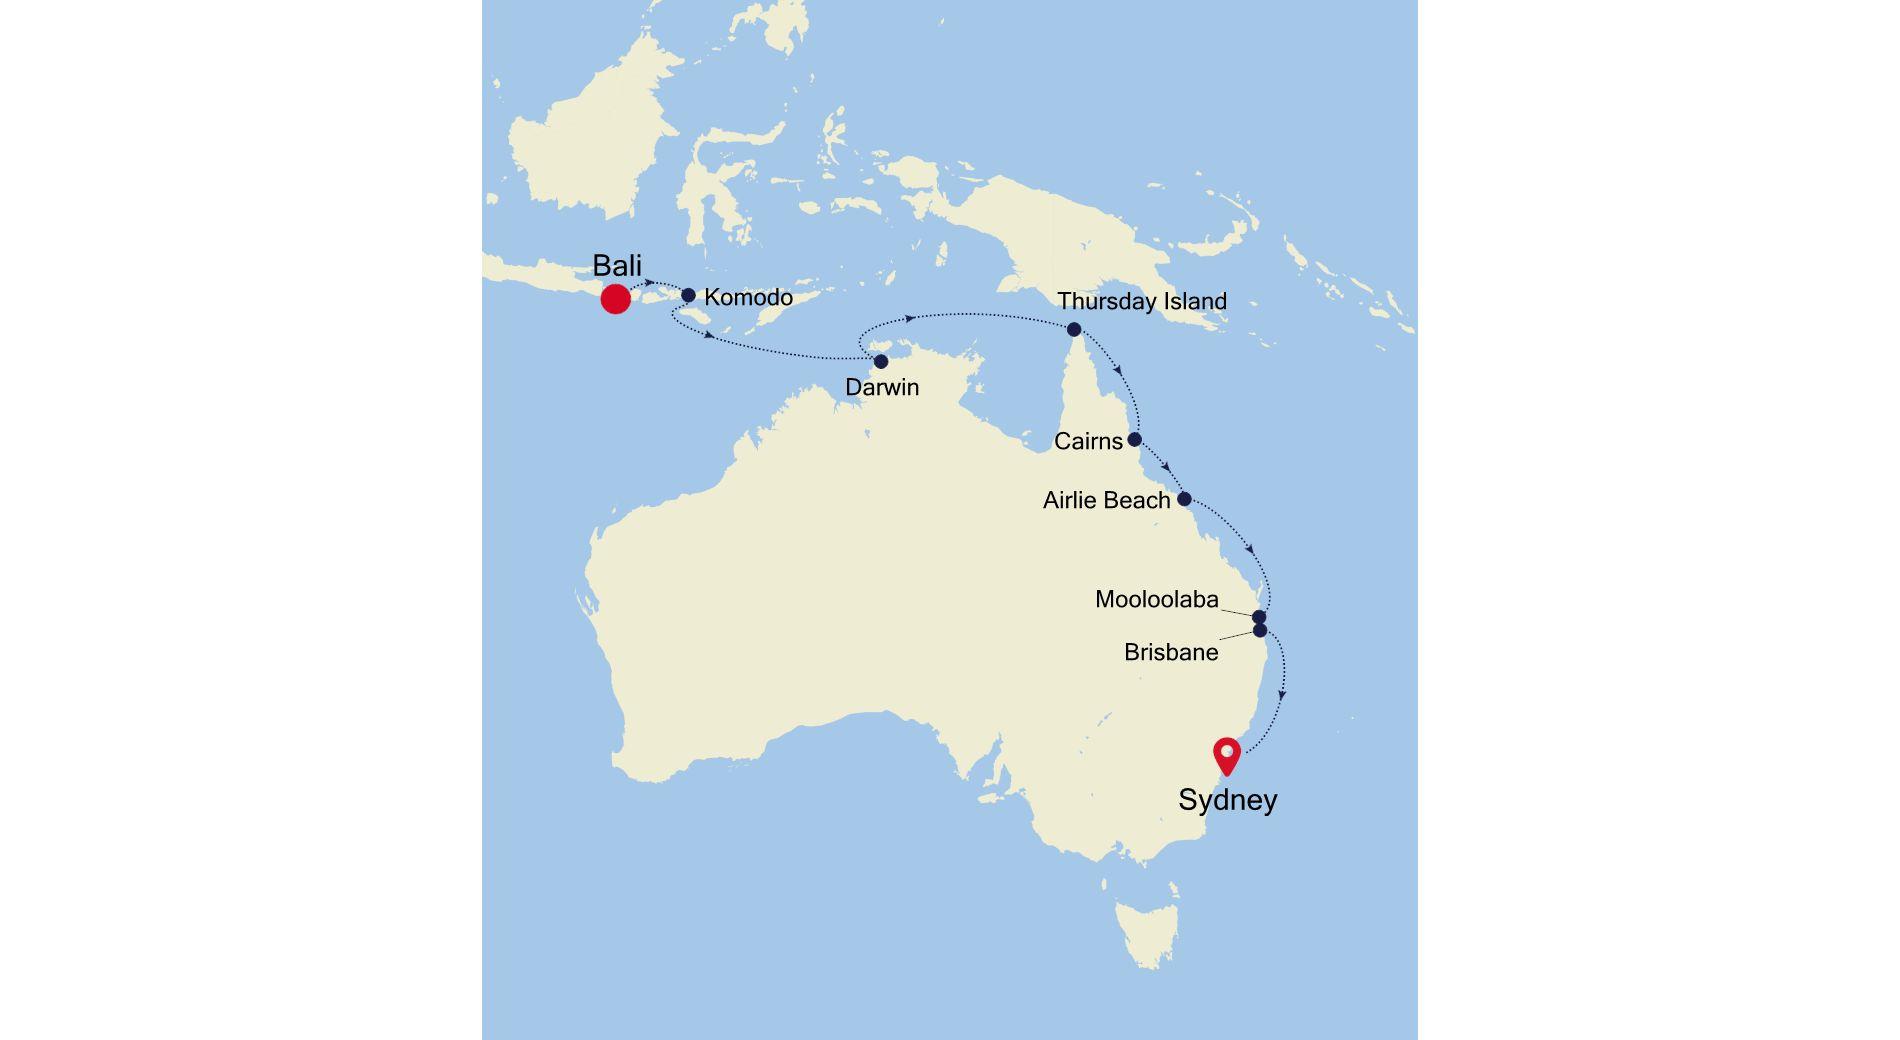 SM201203017 - Bali à Sydney